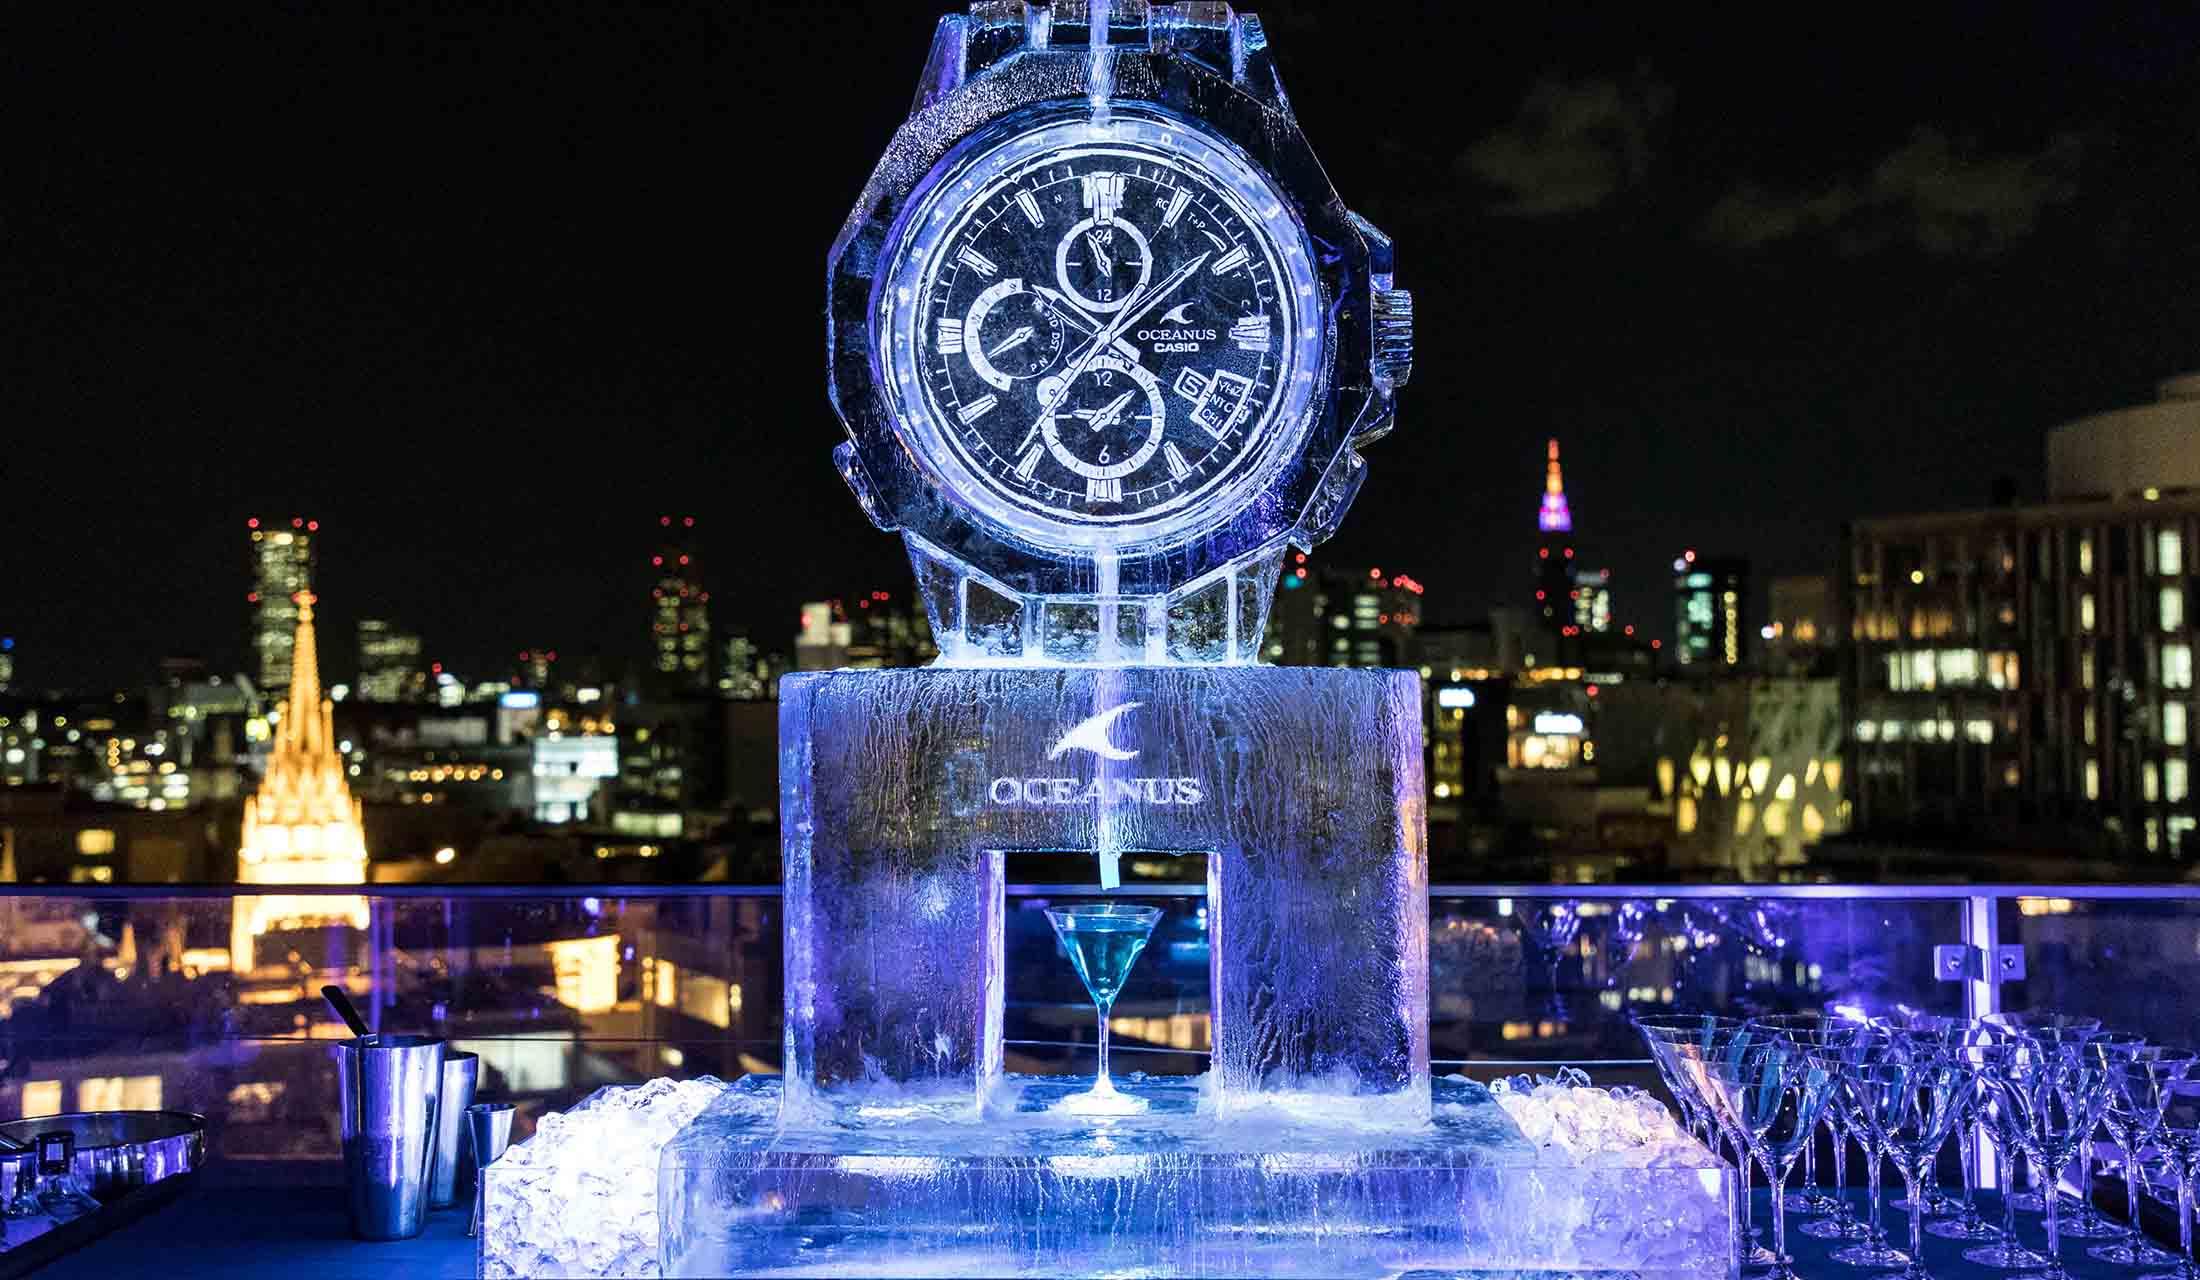 カシオの腕時計 オシアナスのパーティ風景